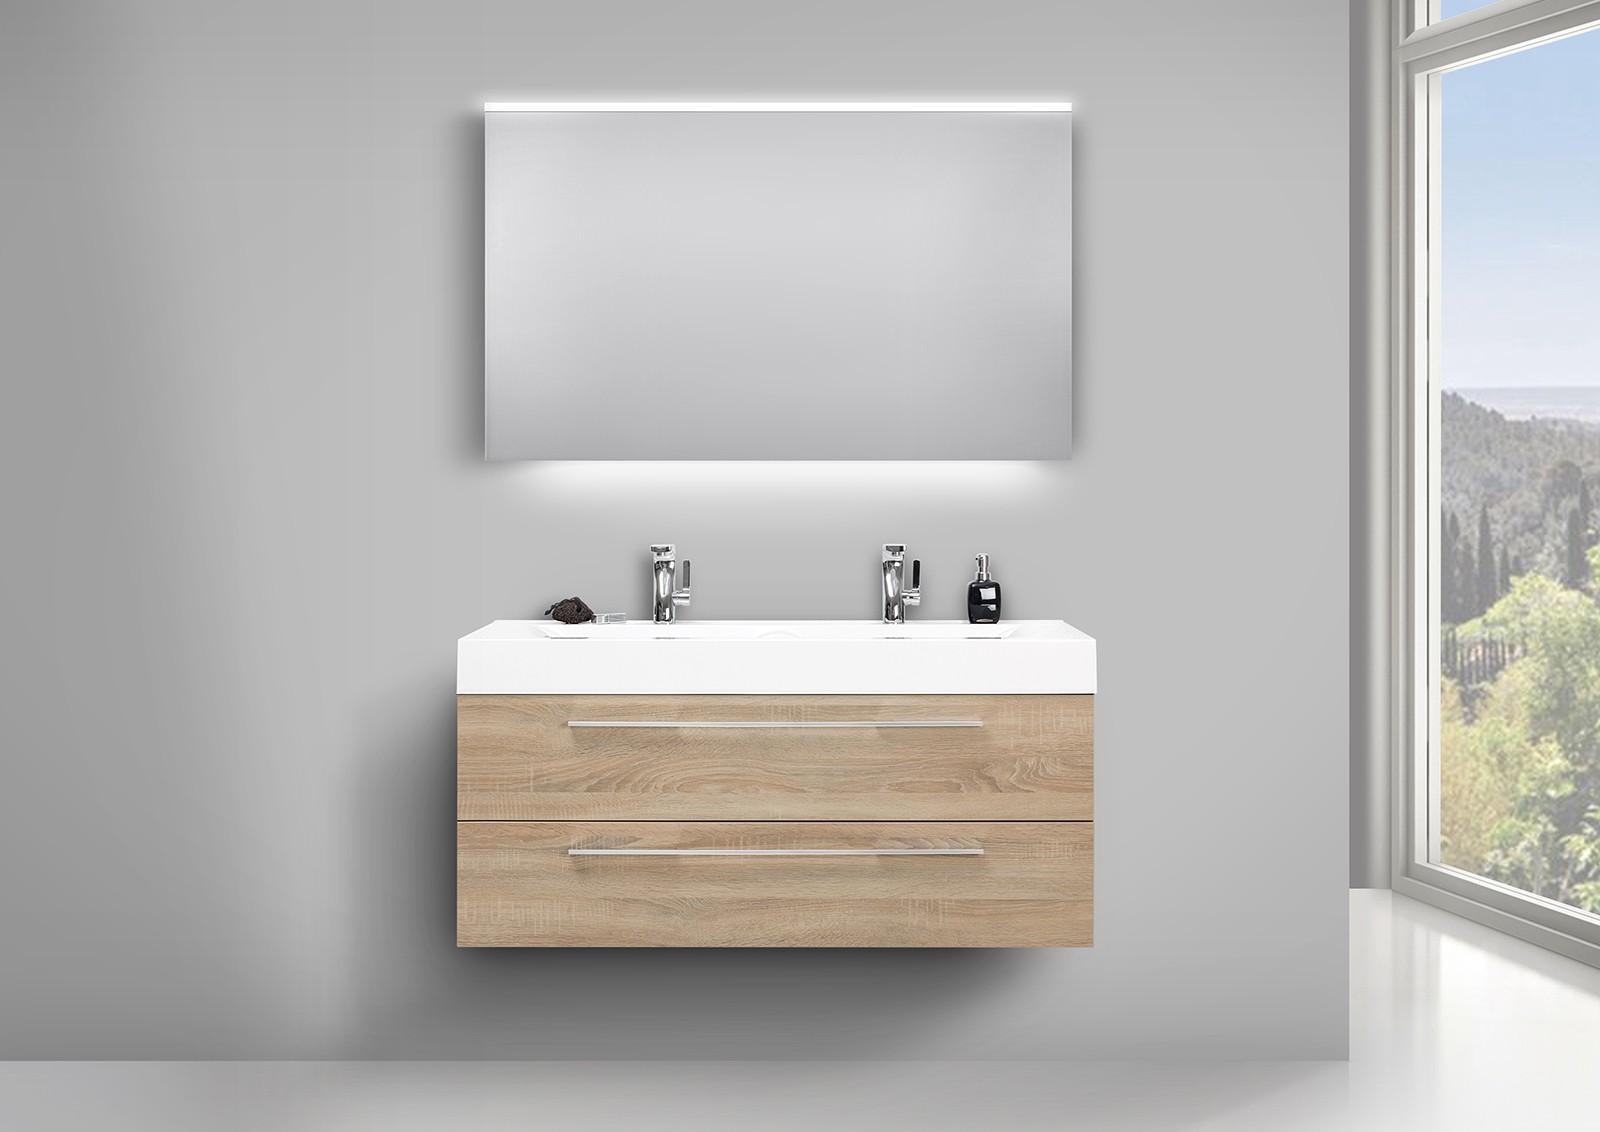 Doppelwaschbecken Mit Unterschrank badmöbel waschtisch evermite doppelwaschbecken unterschrank und led